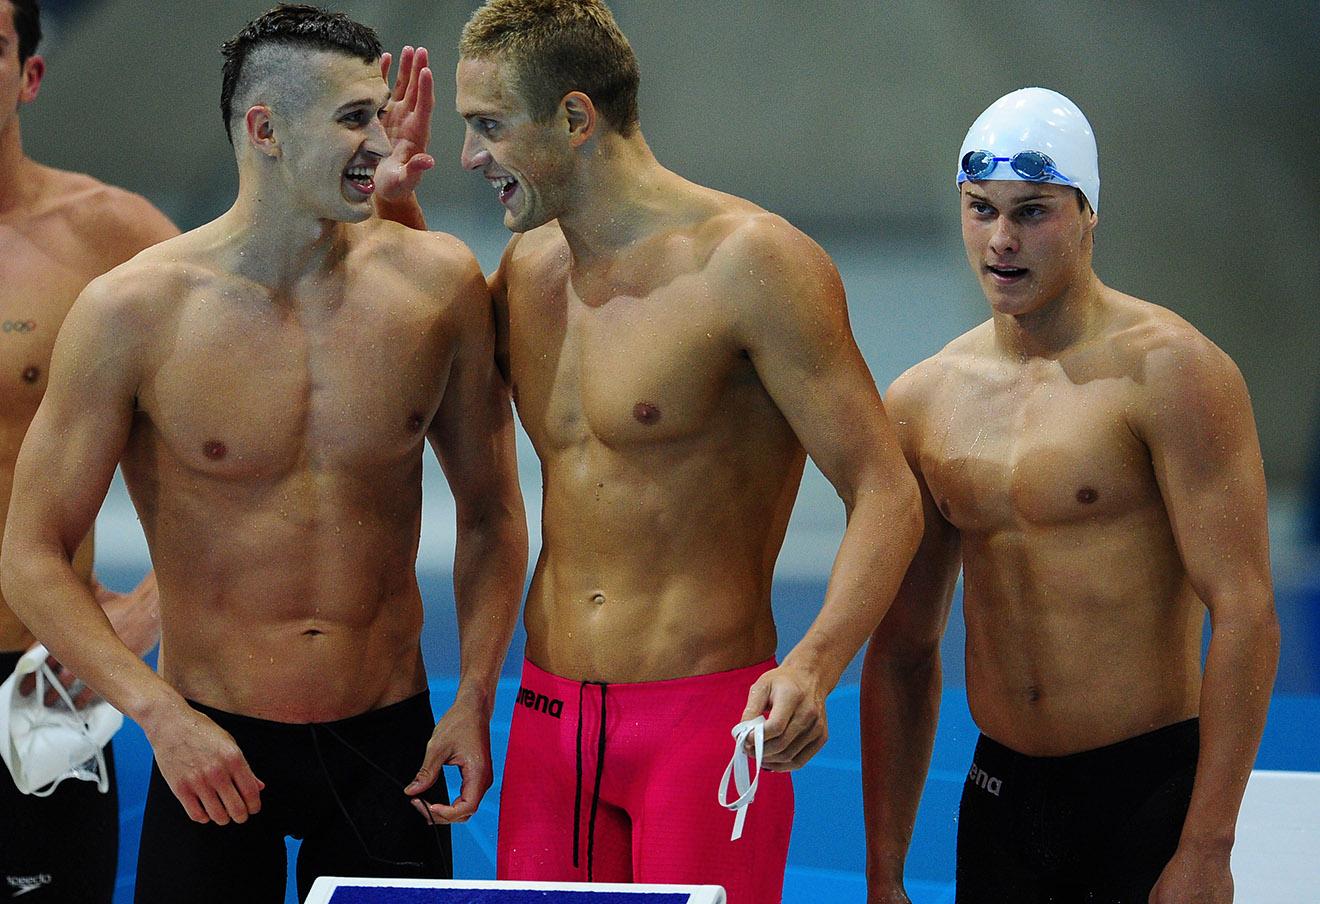 Никита Лобинцев, Андрей Гречин и Владимир Морозов (слева направо) во время мужской эстафеты 4x100 м вольным стилем на XXX летних Олимпийских играх.